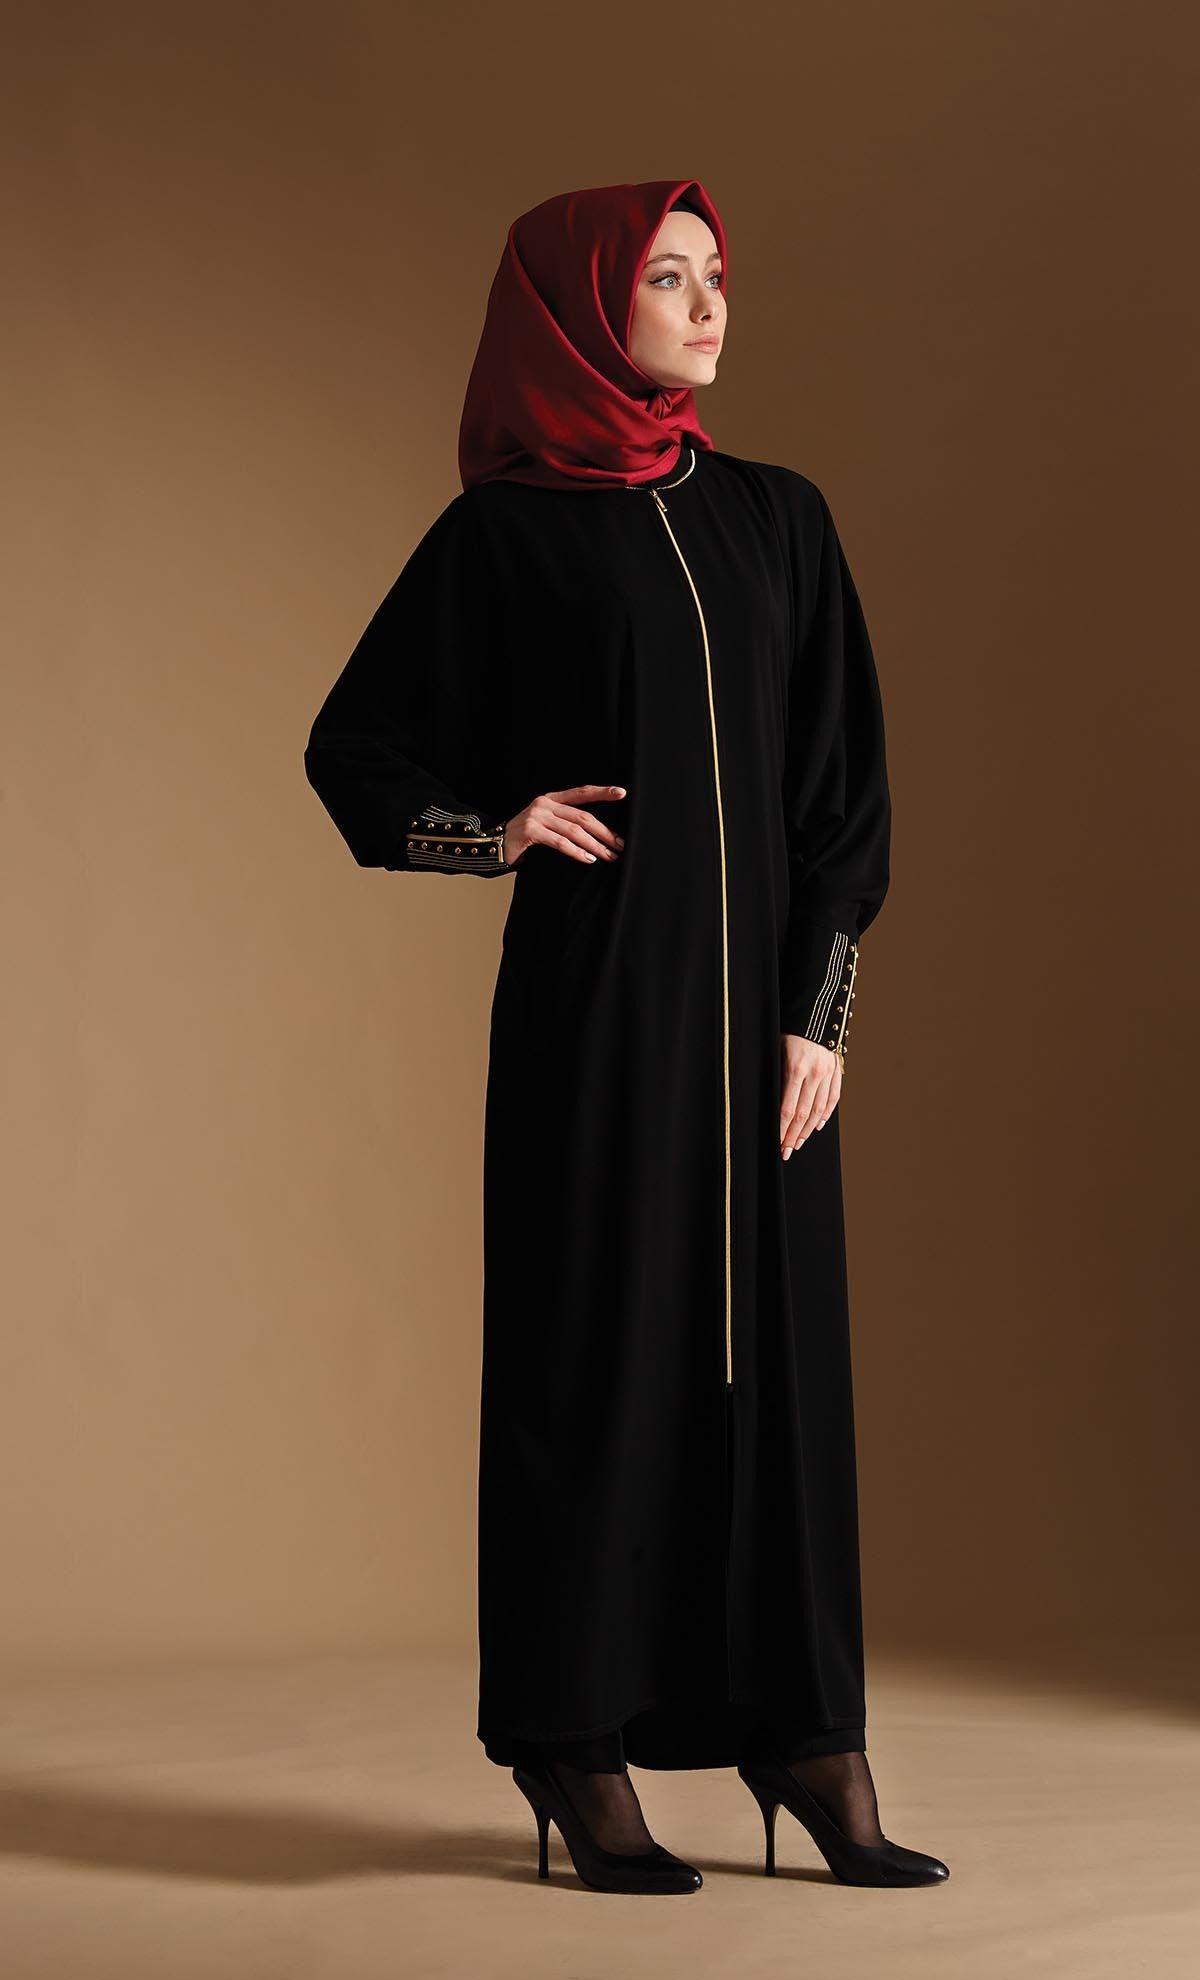 عباية سحاب مع أكمام مطرزة Astrapia Fashion Fashion Dresses Nun Dress